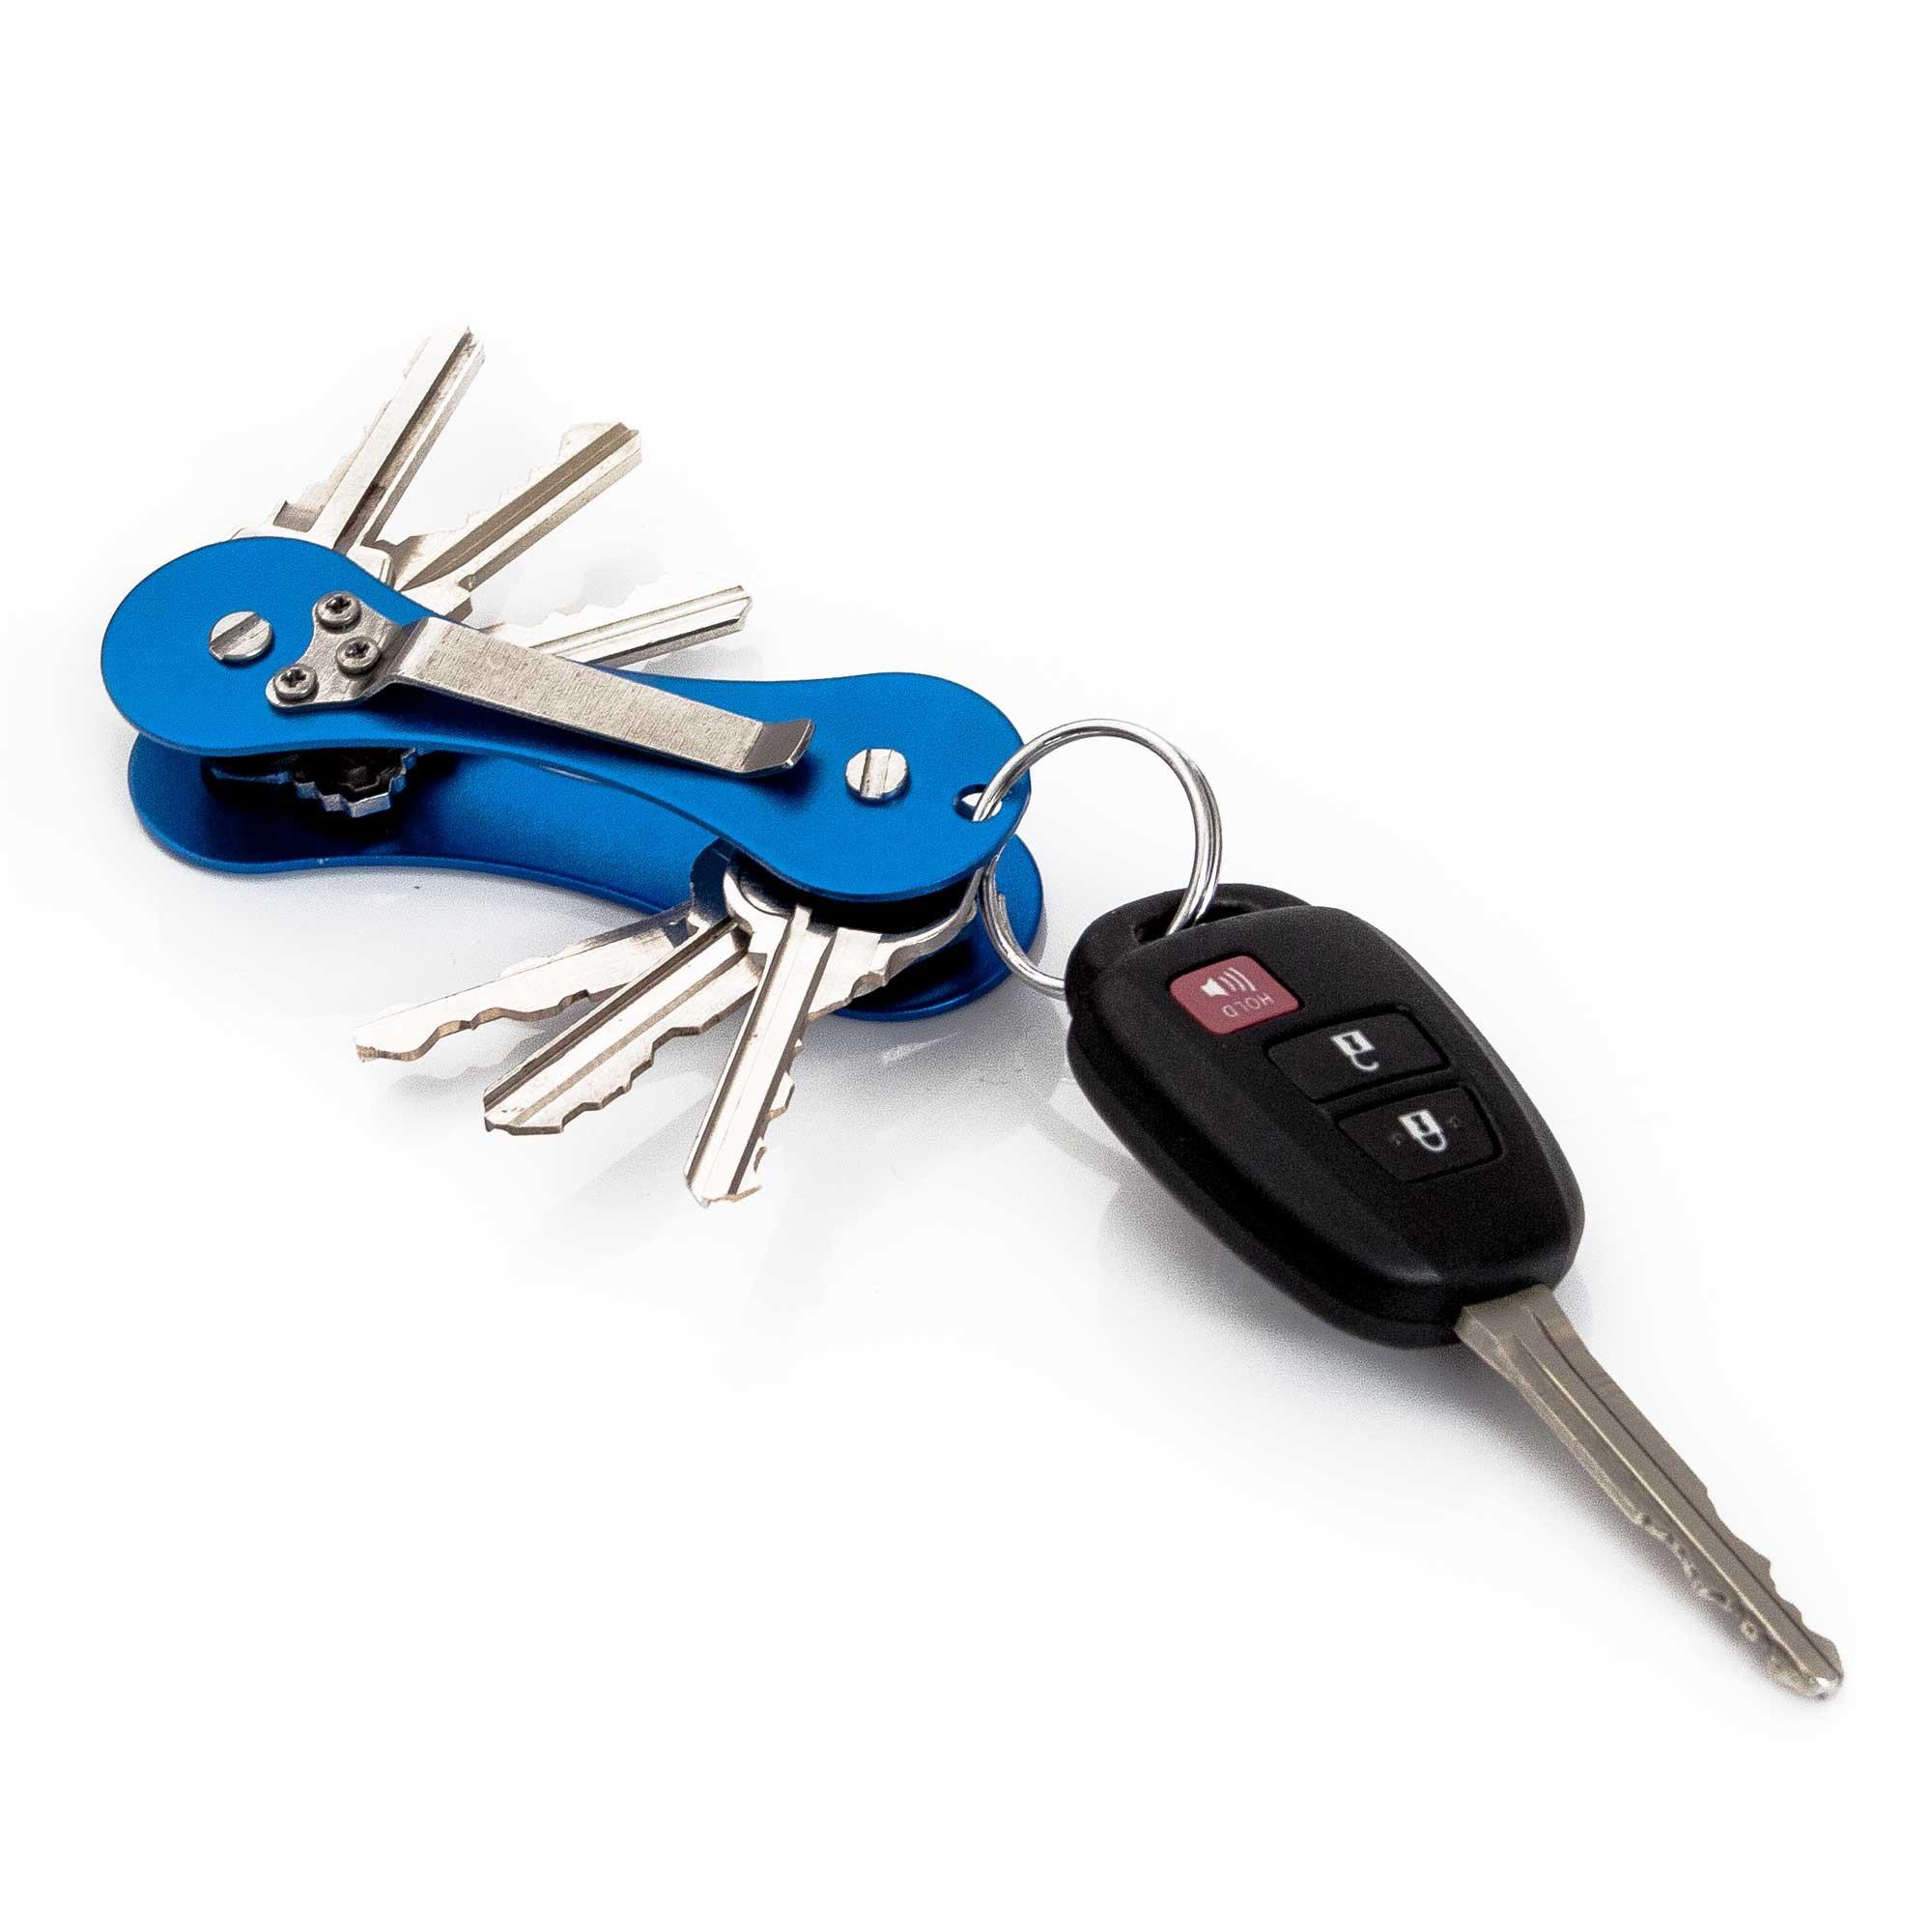 KEY-HUB Key Organizer – KEY-BAK Retractable Reels